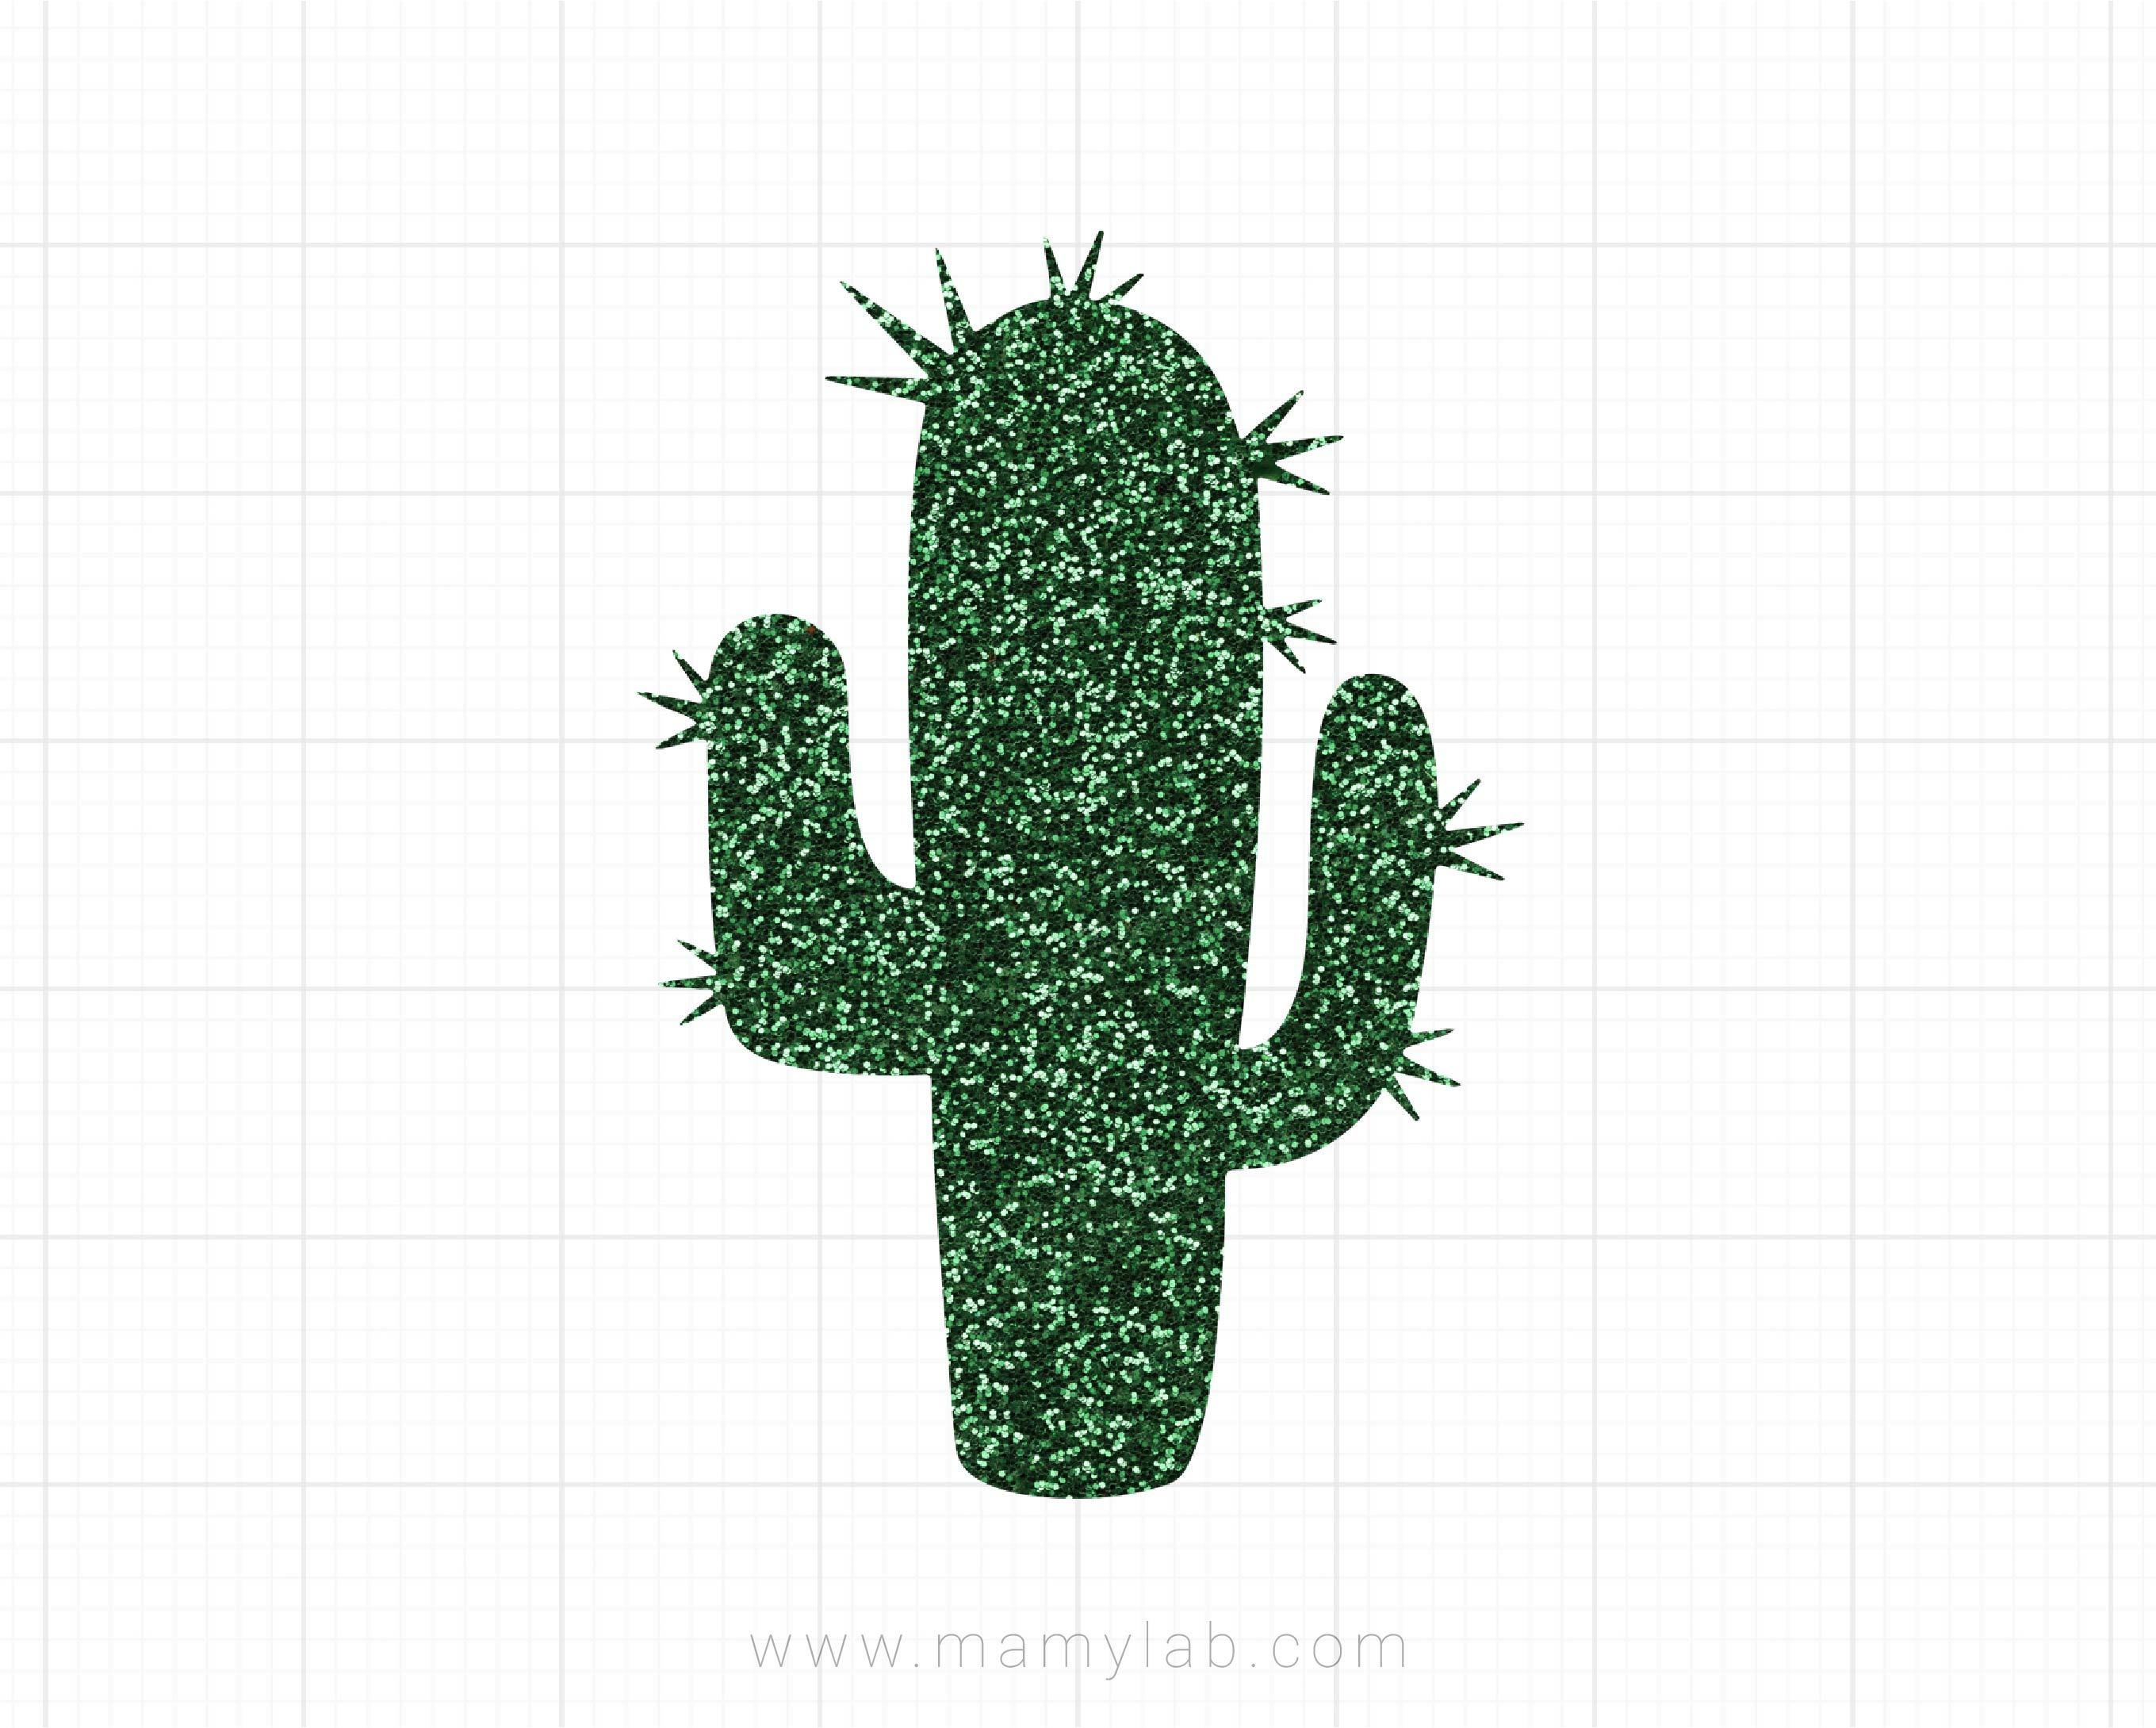 Cactus svg, cactus clipart, cactus silhouette, cricut files, svg, dxf, png.